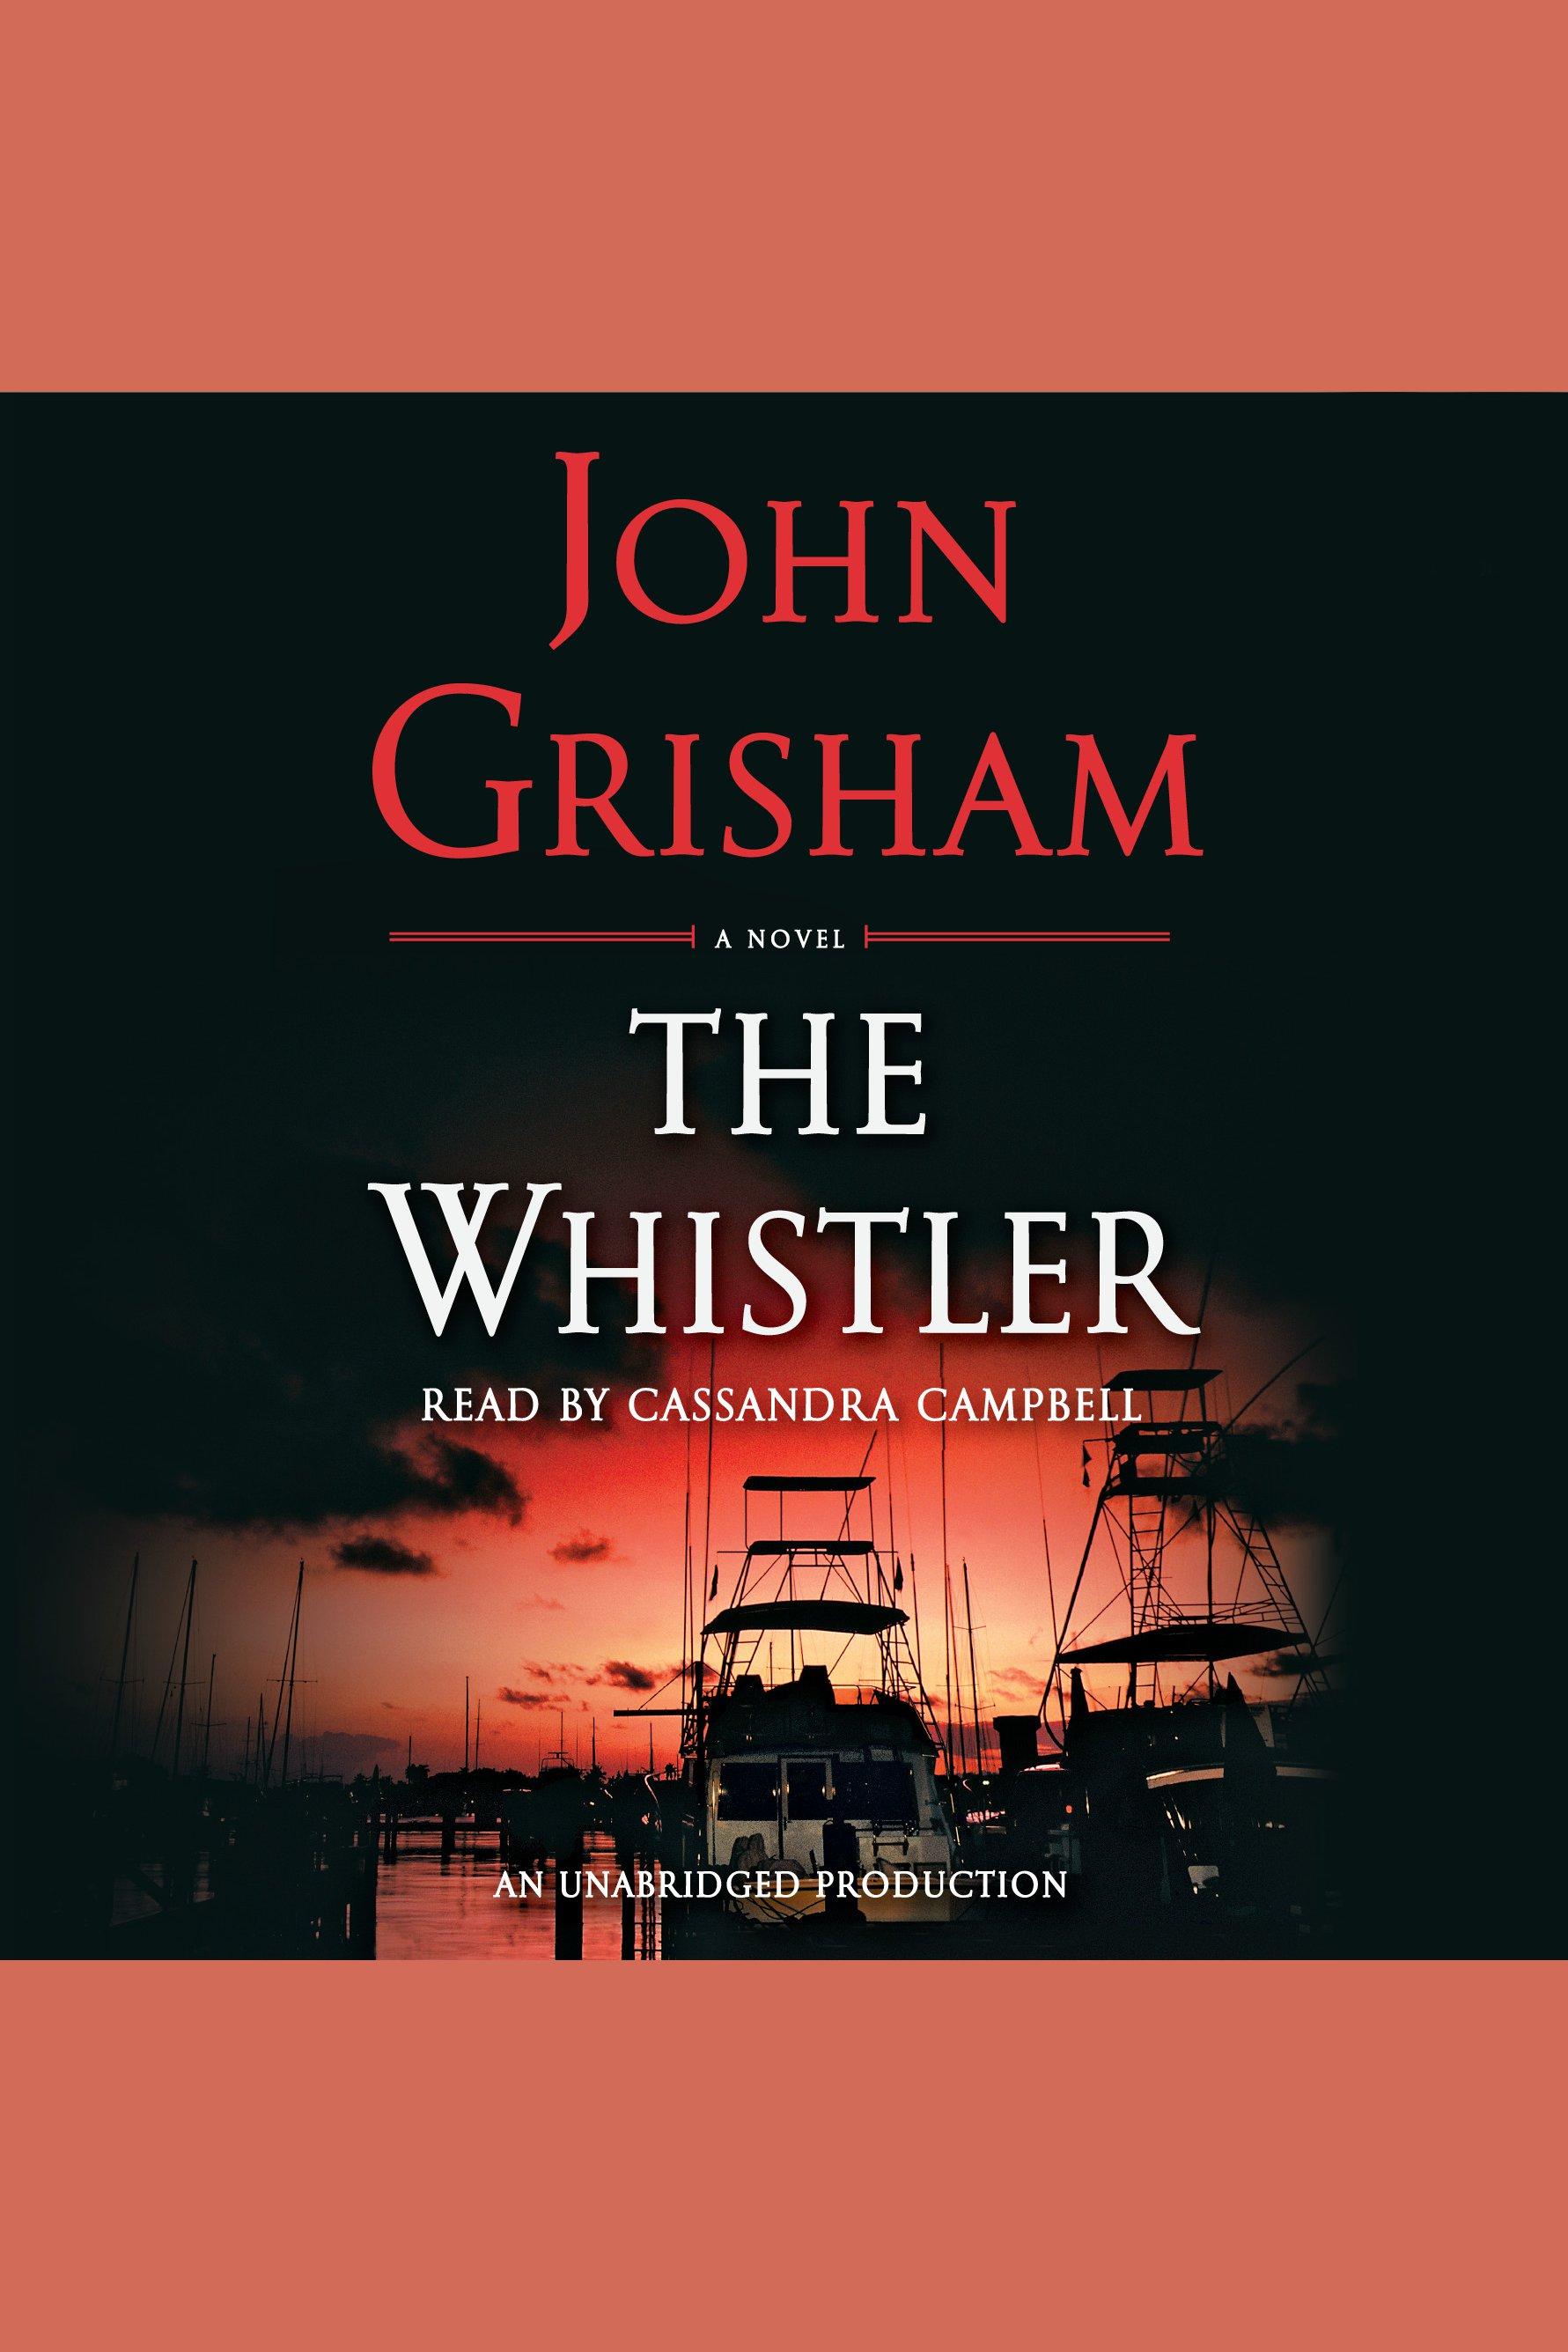 The whistler [AudioEbook] : a novel